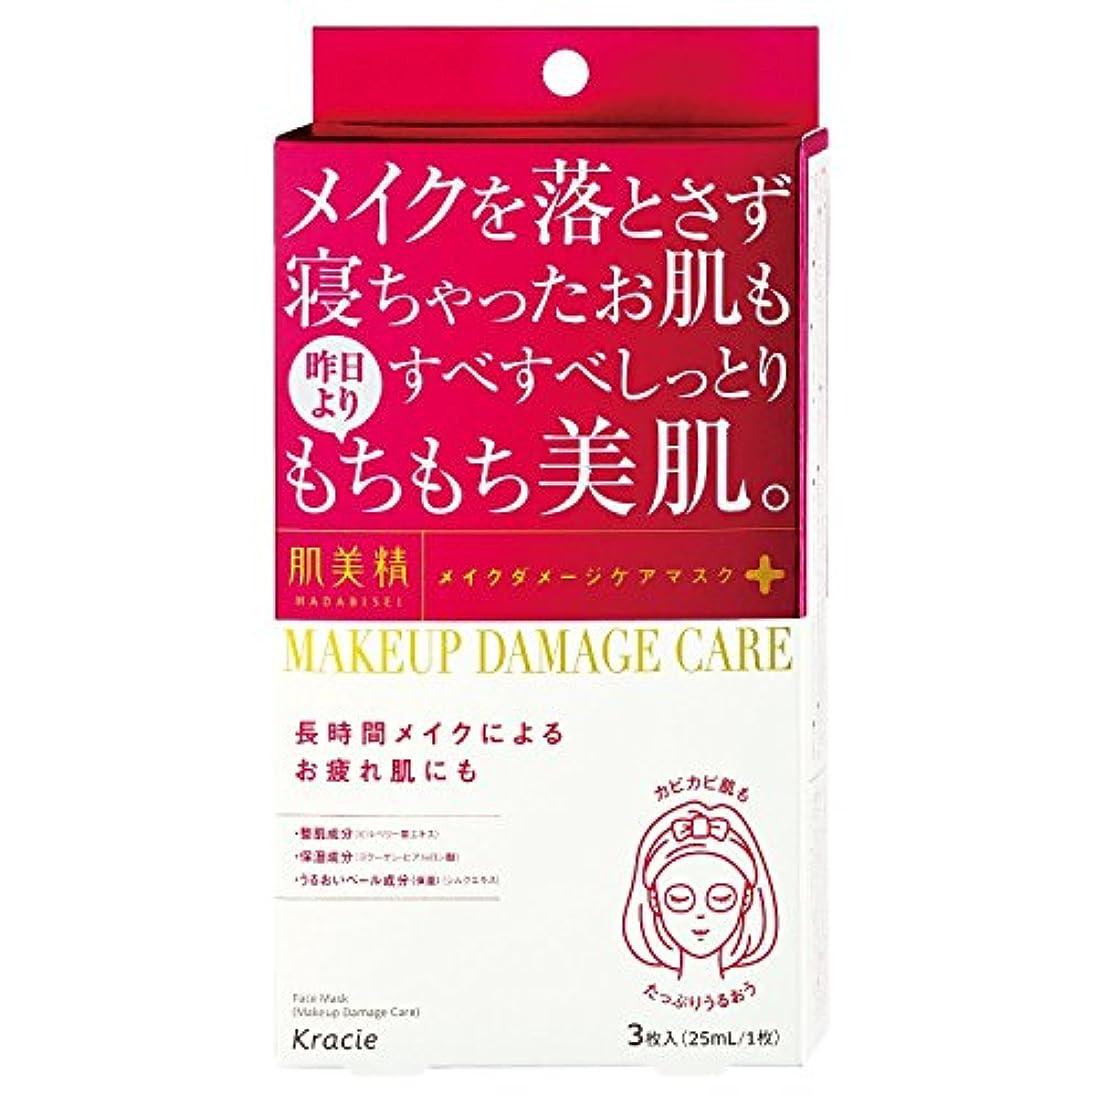 クラシエ 肌美精 ビューティーケアマスク 保湿 3枚入×10点セット(メイクダメージケアマスク) (4901417622211)